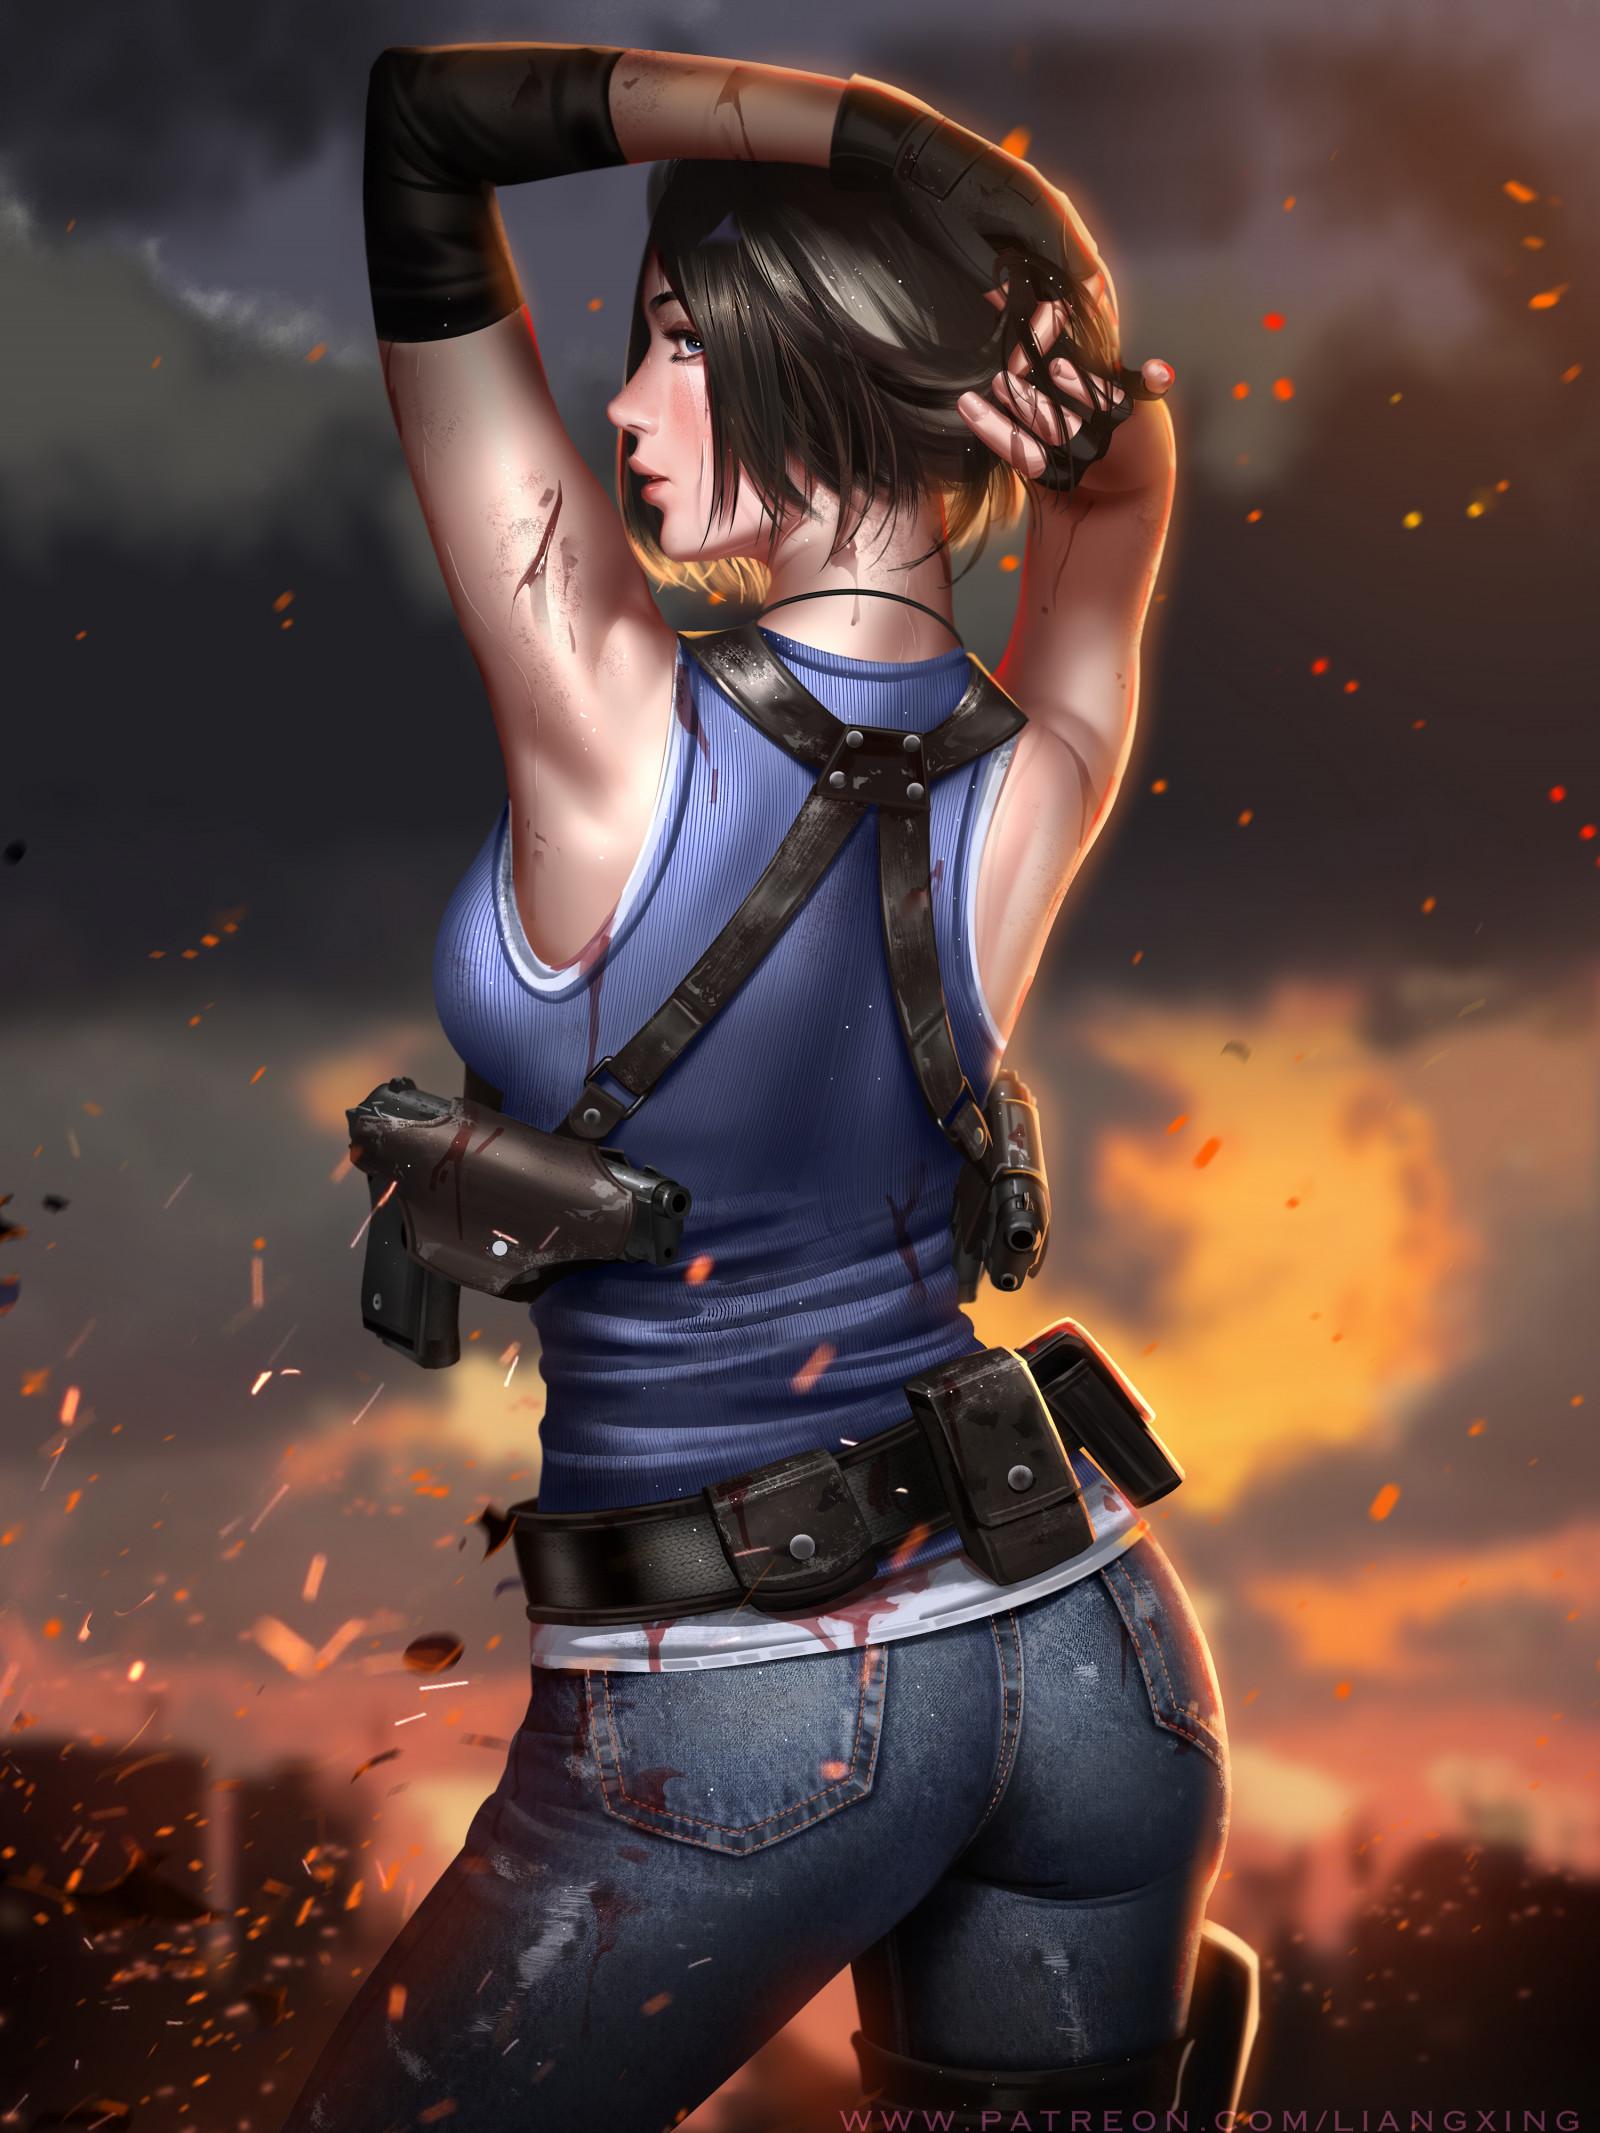 Wallpaper : Jill Valentine, Resident Evil, Resident evil 3